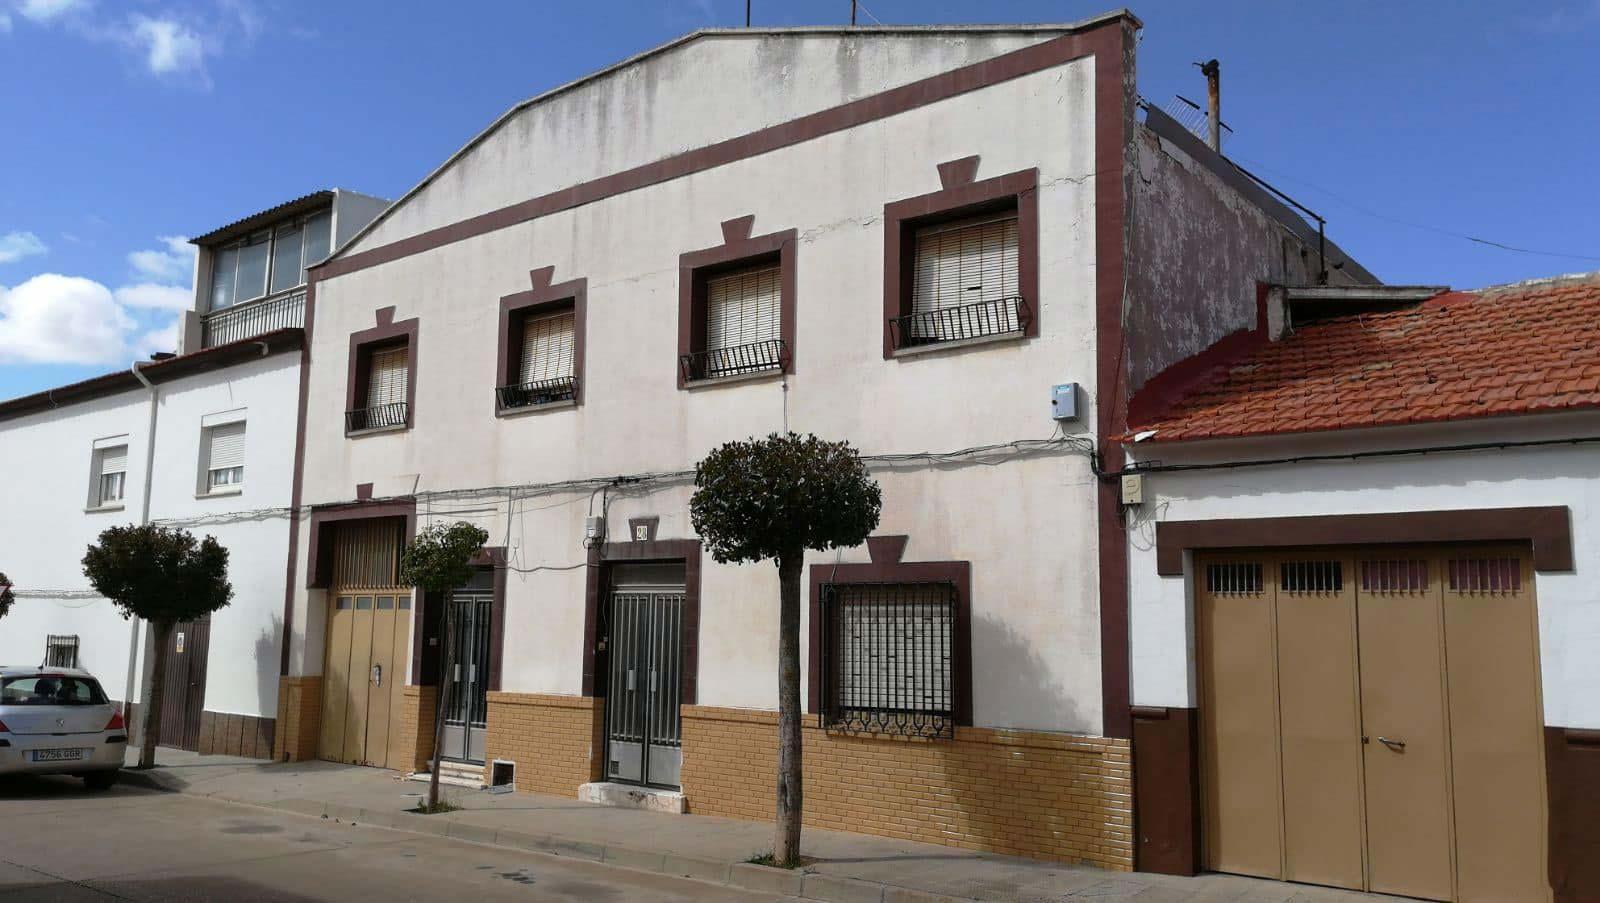 Piso en venta en Campo de Criptana, Ciudad Real, Calle Republica de Chile, 98.000 €, 8 habitaciones, 2 baños, 260 m2